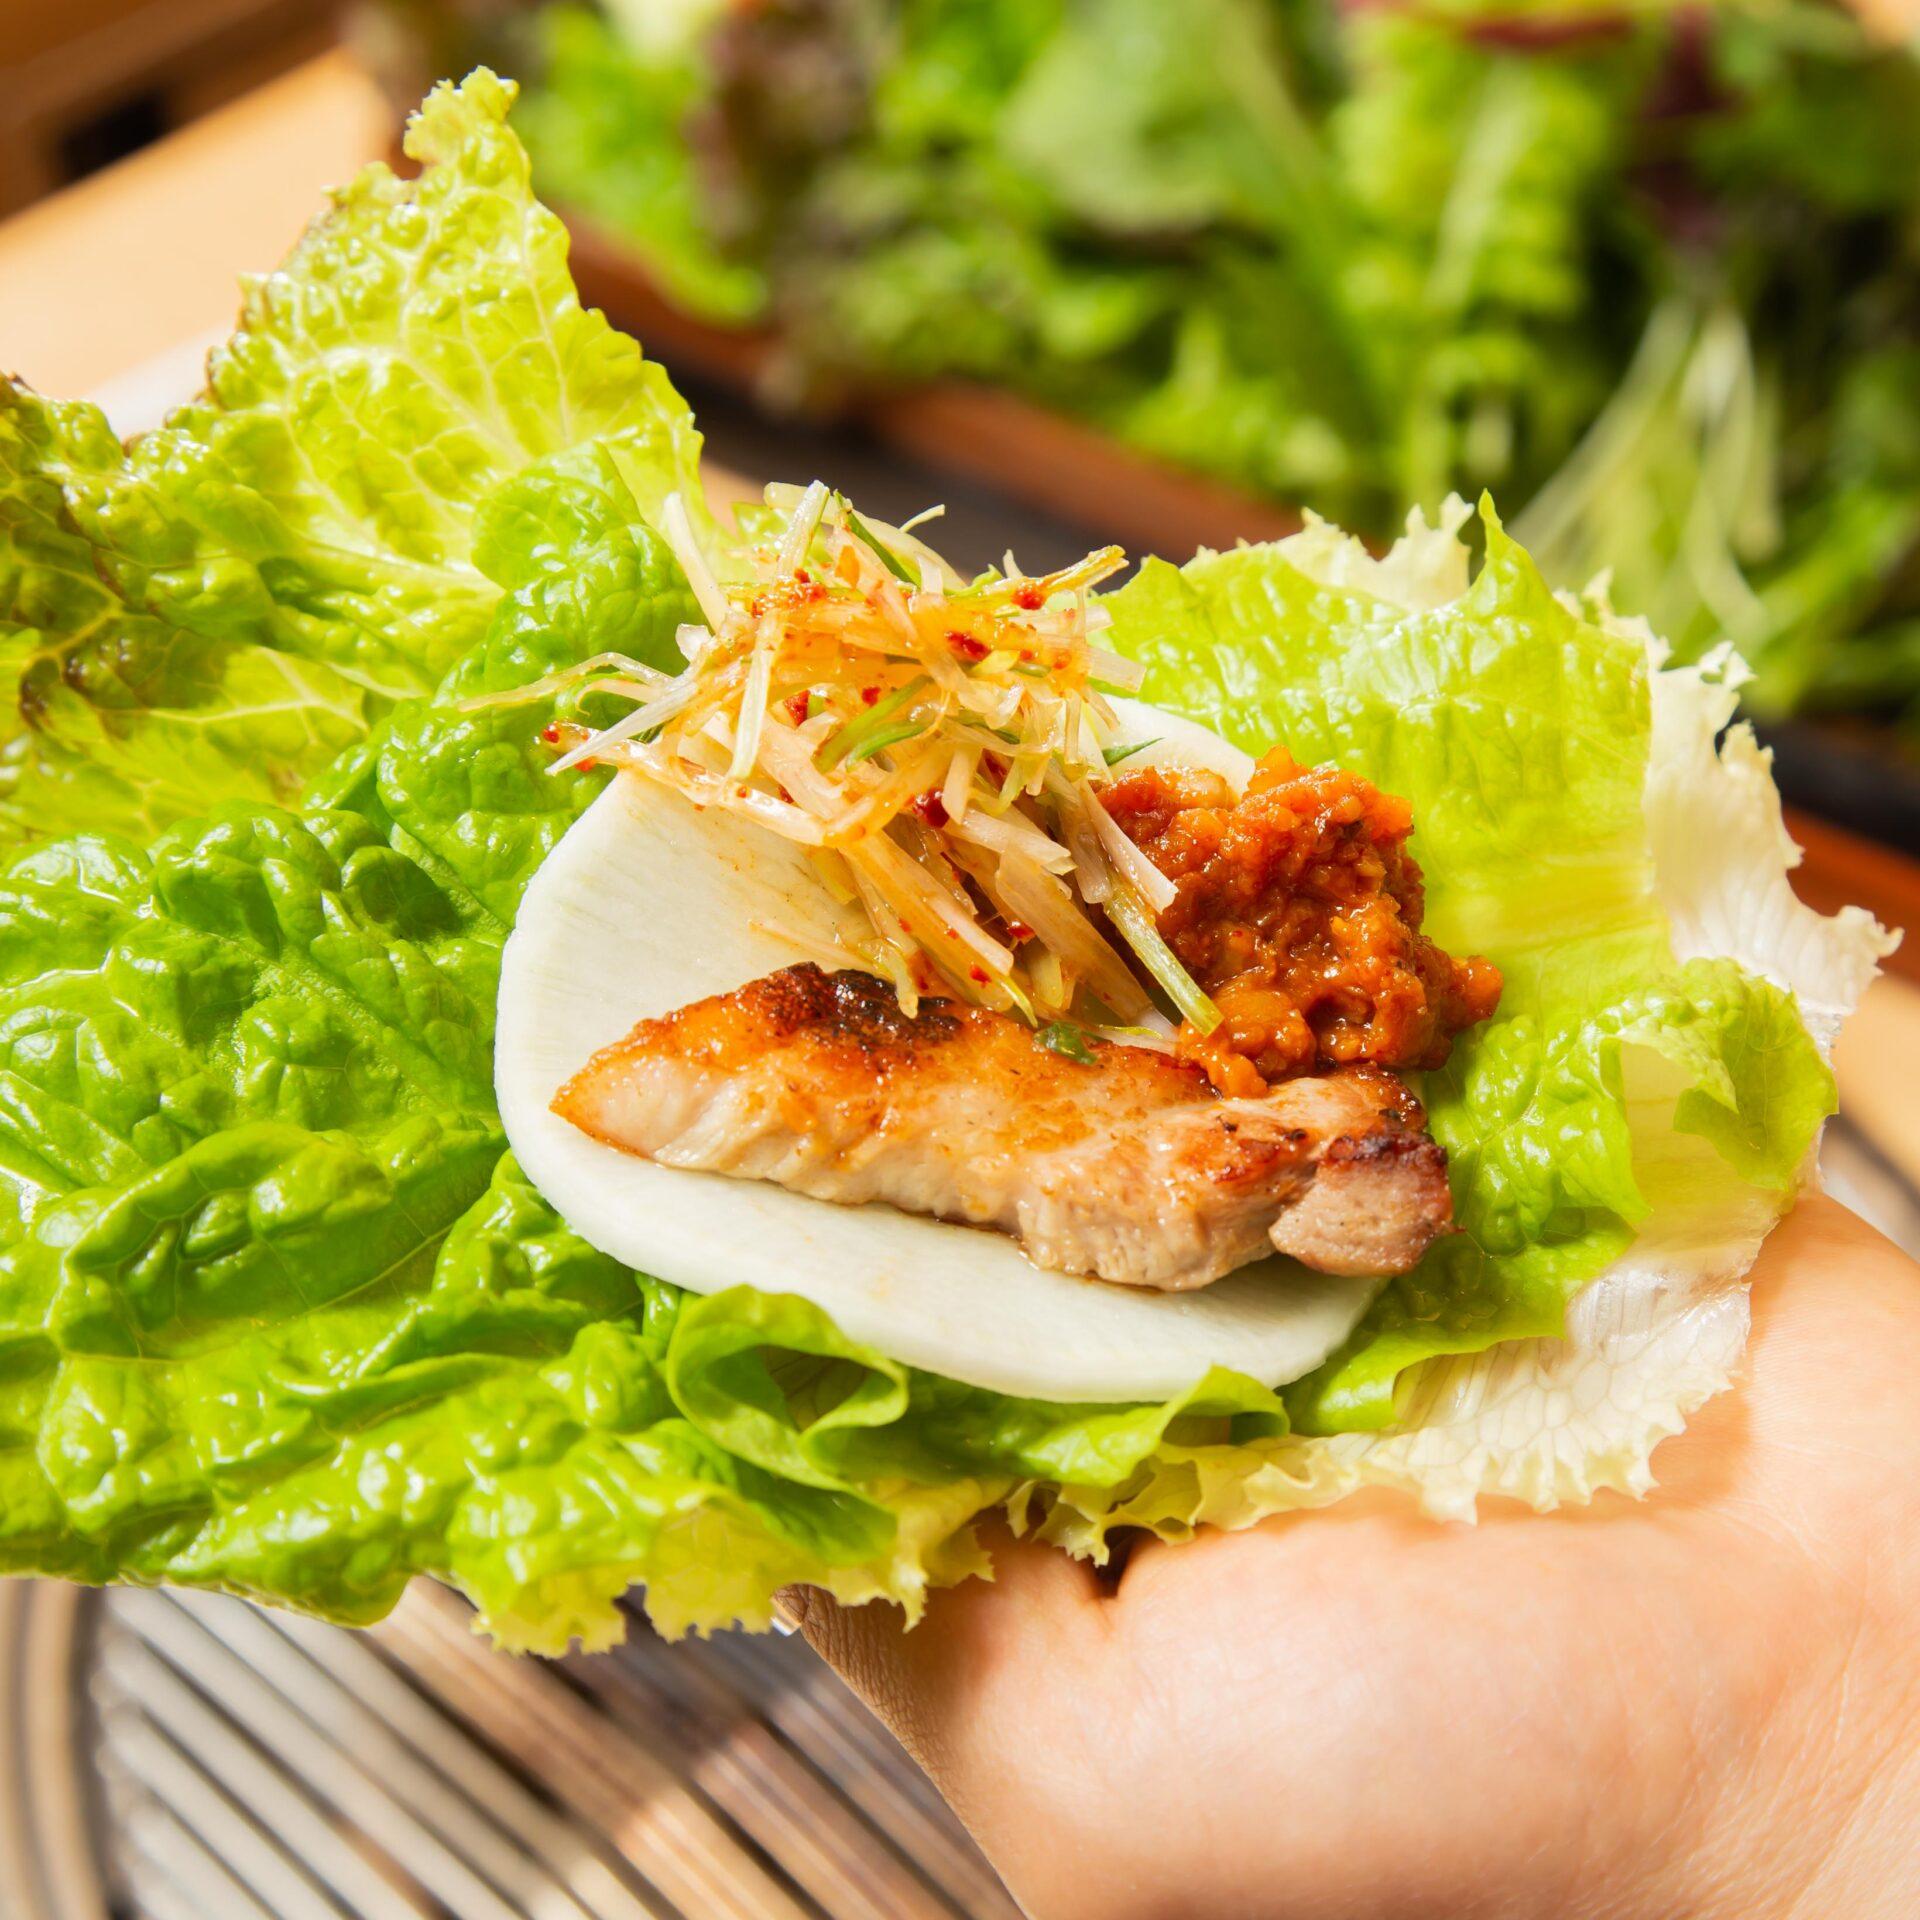 赤坂田町通りにあるサムギョプサルと新鮮野菜が楽しめる「やさい村大地 赤坂田町通り店」の「新鮮な野菜で包むサンパ」の画像